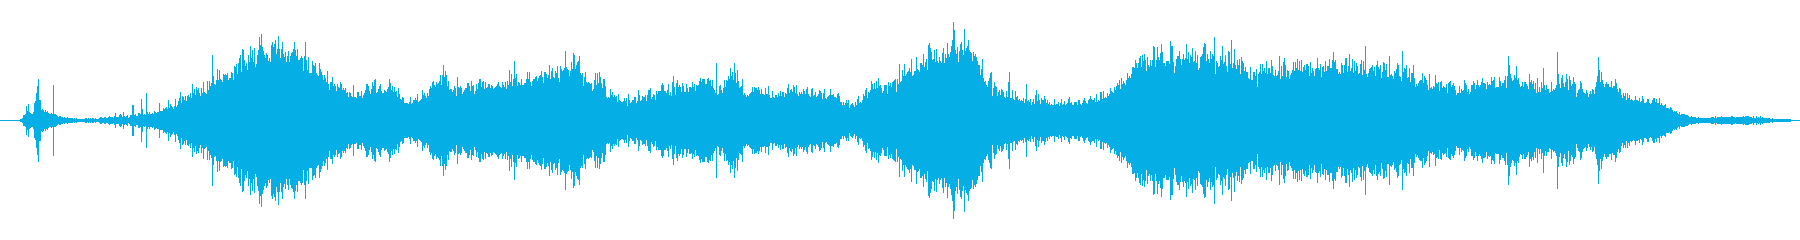 グラウンドファウンテン:フィズの再生済みの波形